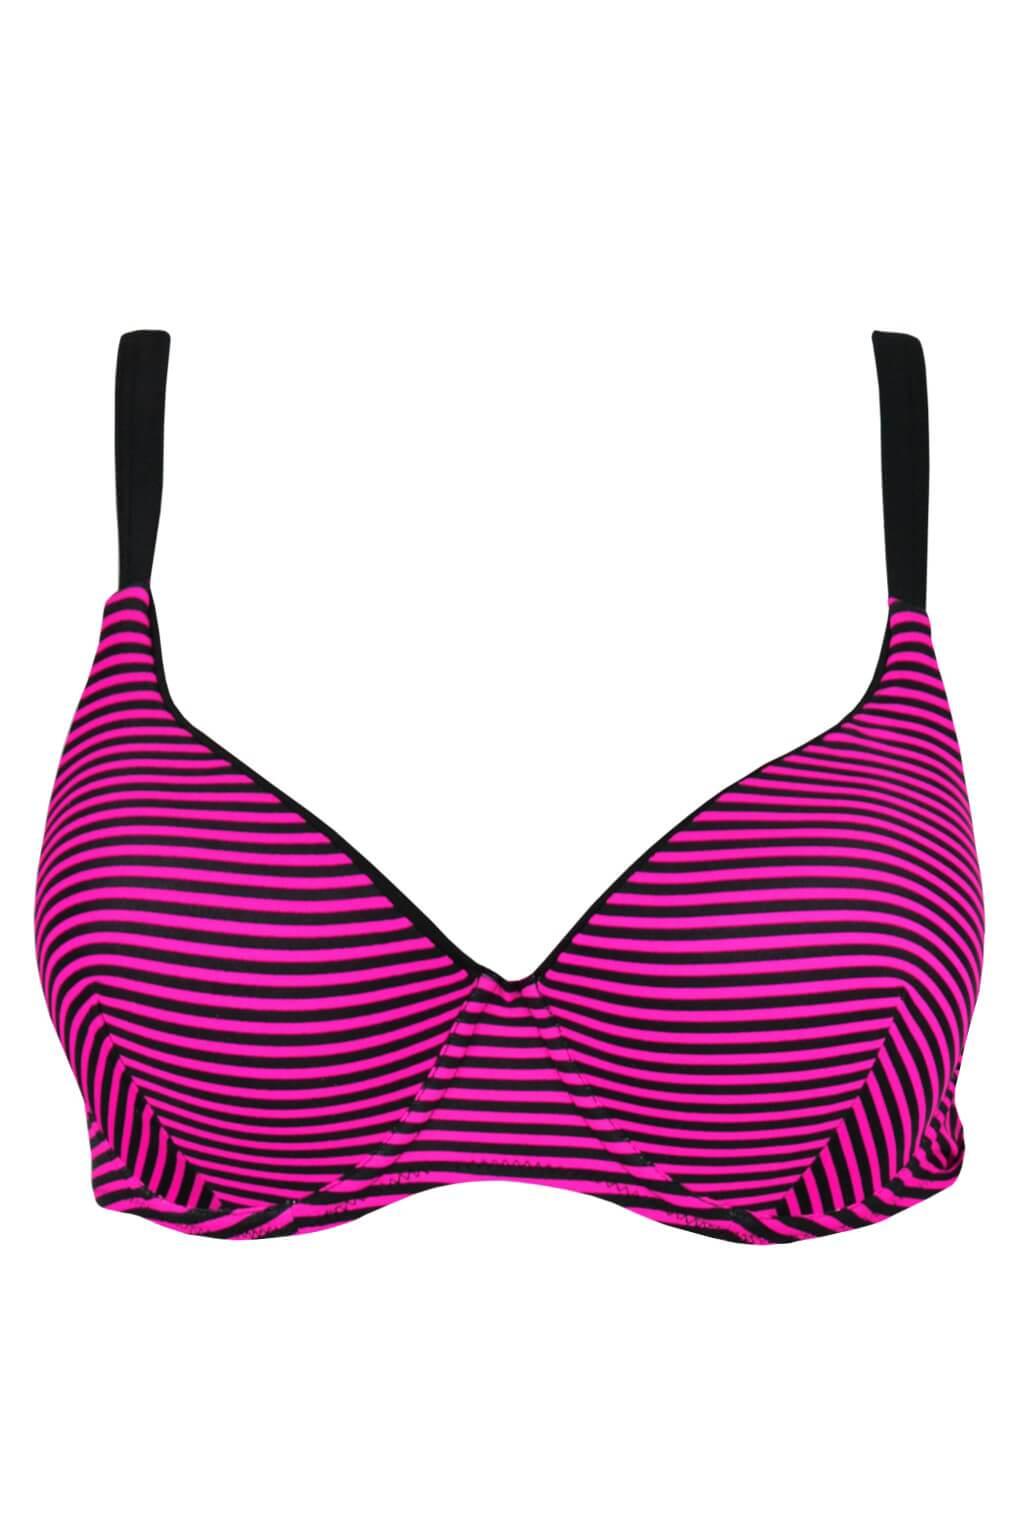 081b9255a7b Rafaella Pink plavky horní díl S798 tmavě růžová 4XL